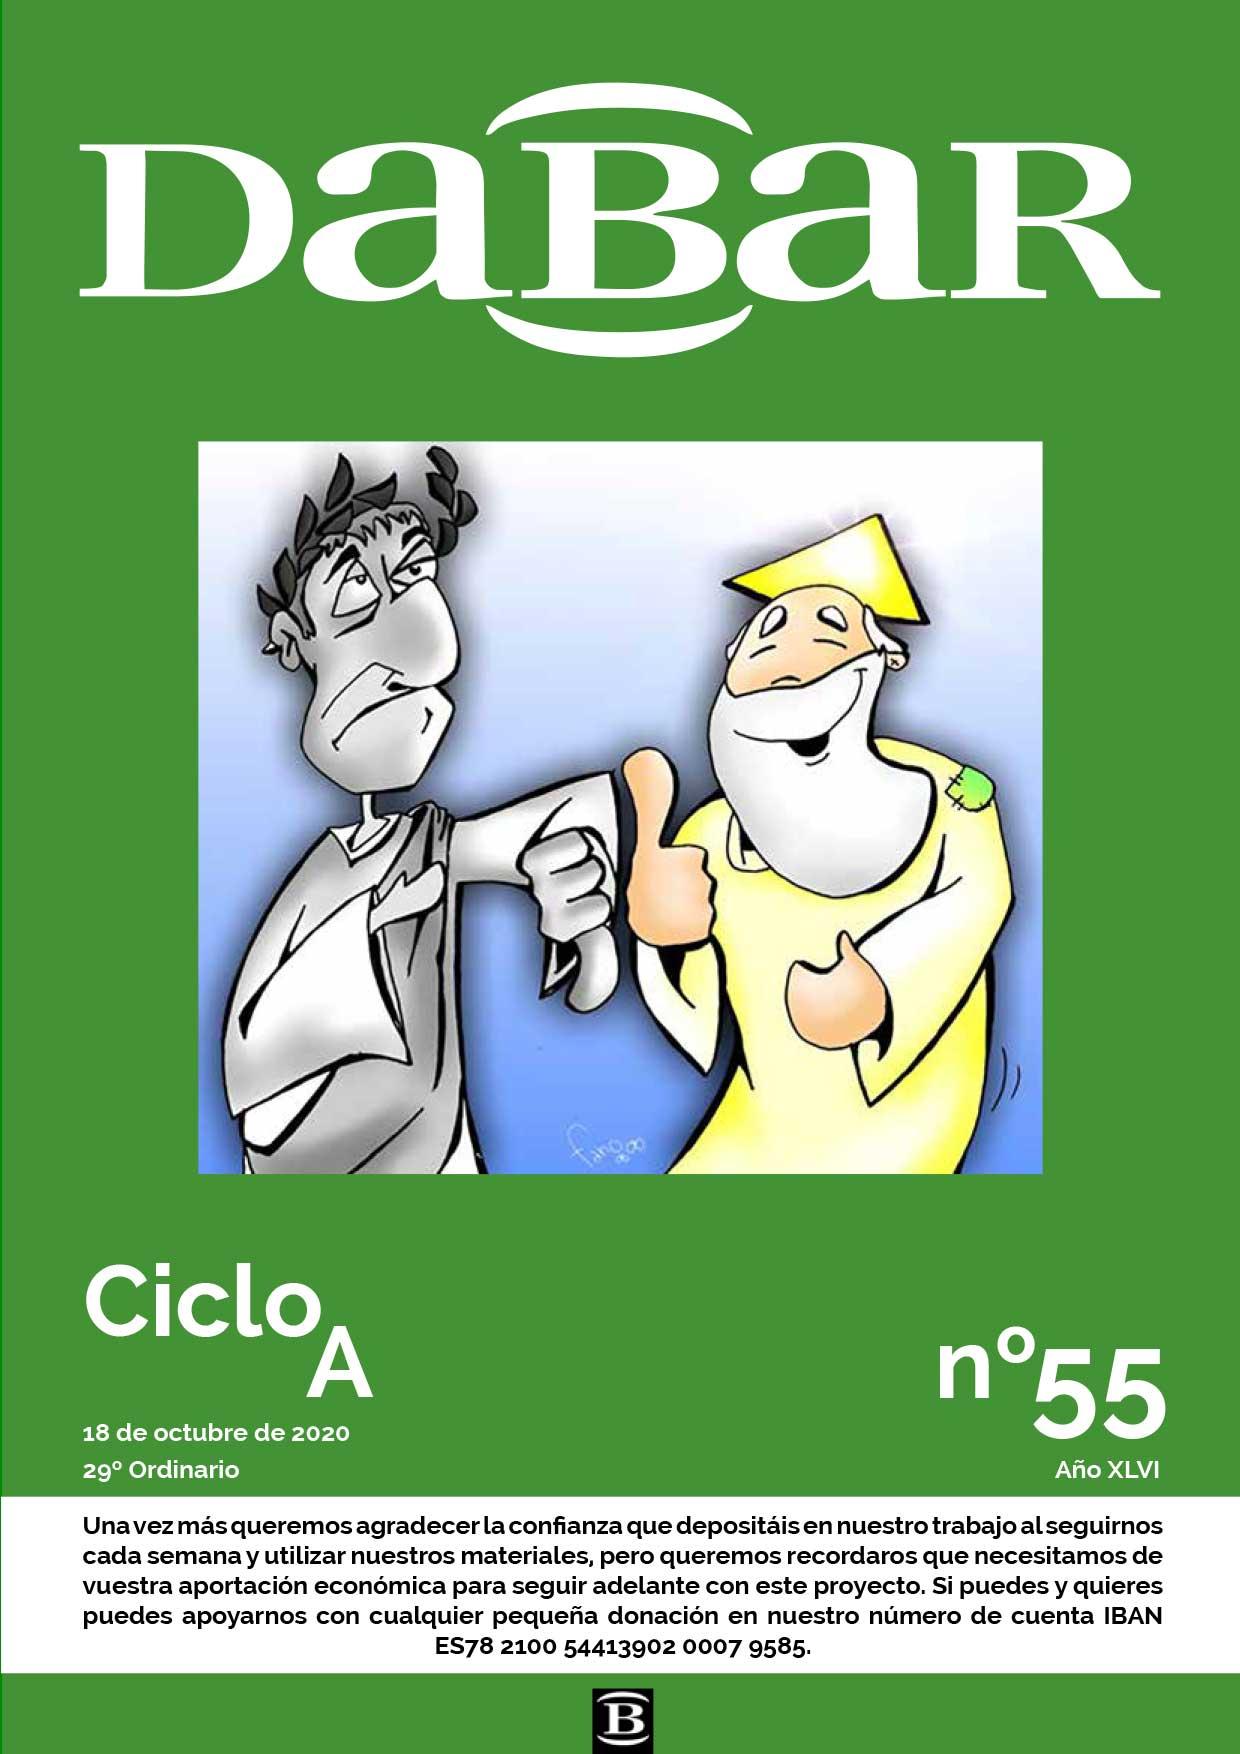 Dabar Revista numero 55 ciclo A